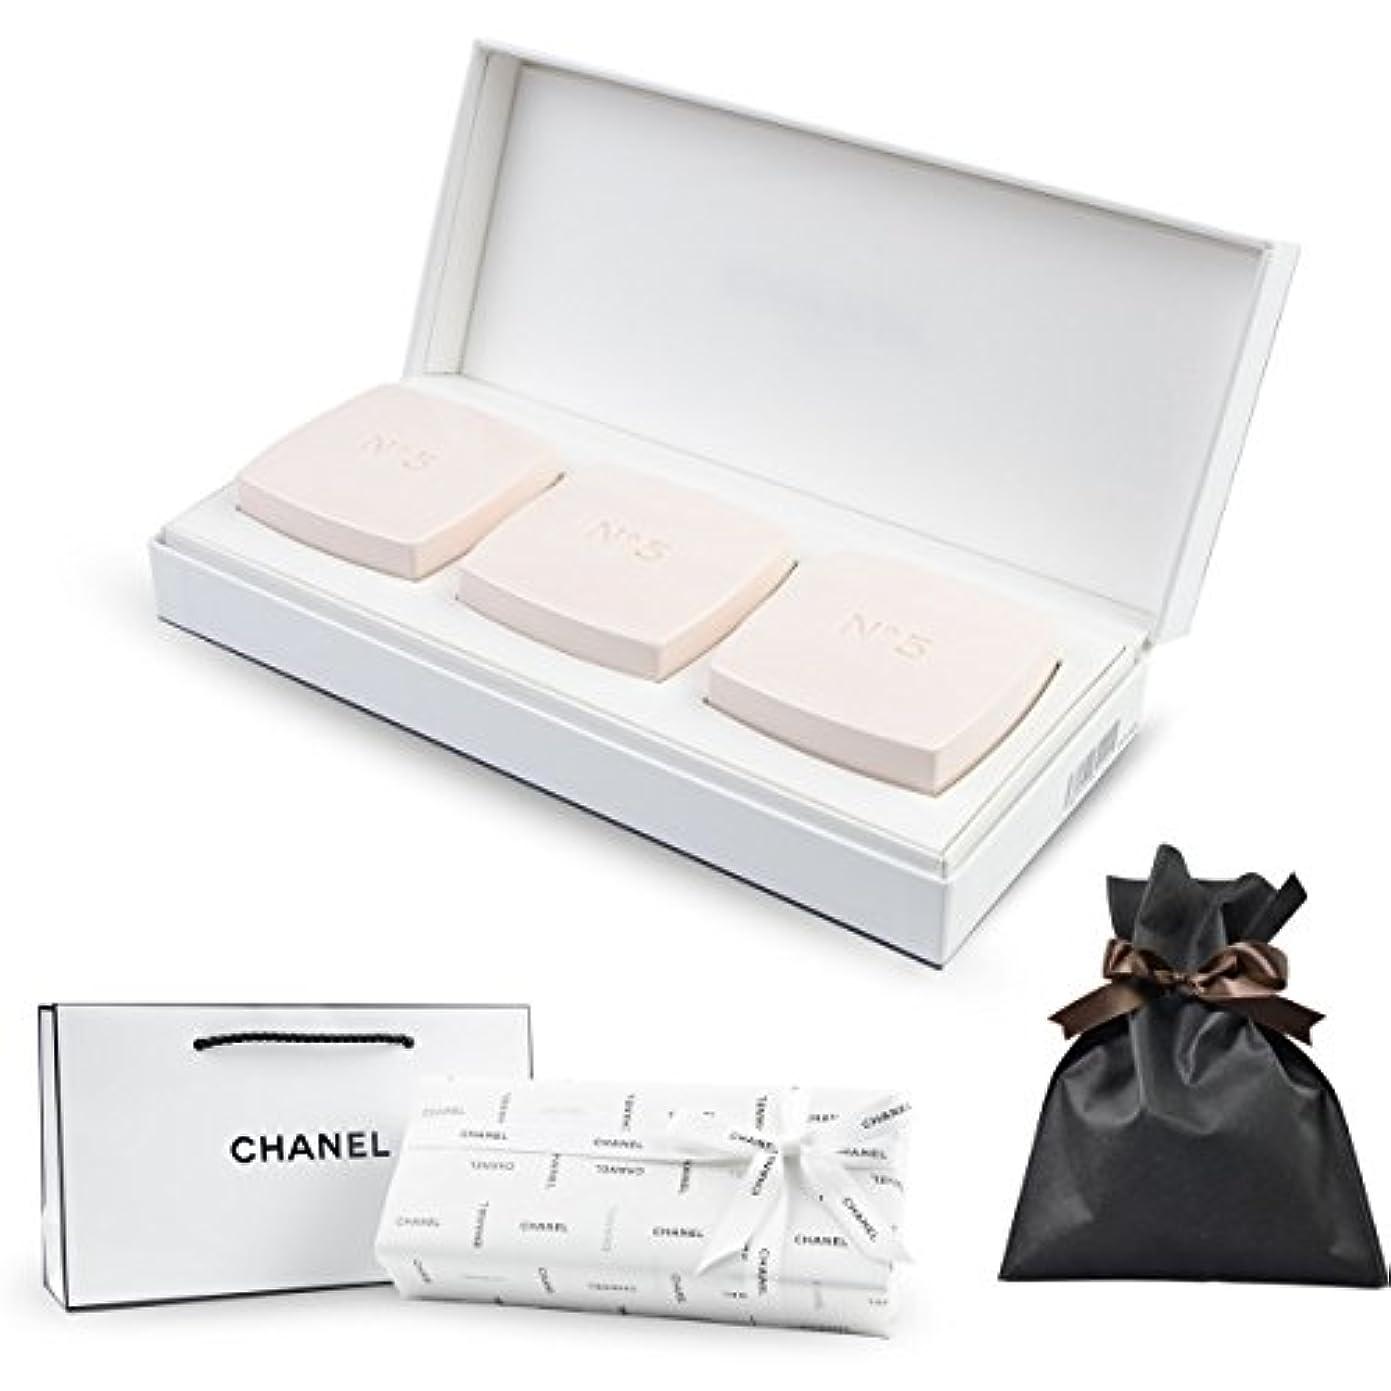 ねばねばカロリーアレイ[セット品] ギフトラッピング済 CHANEL シャネル 国内正規品 N°5 サヴォン ギフトコレクション 石鹸 3個セット シャネルショップバッグ付 ボディソープ